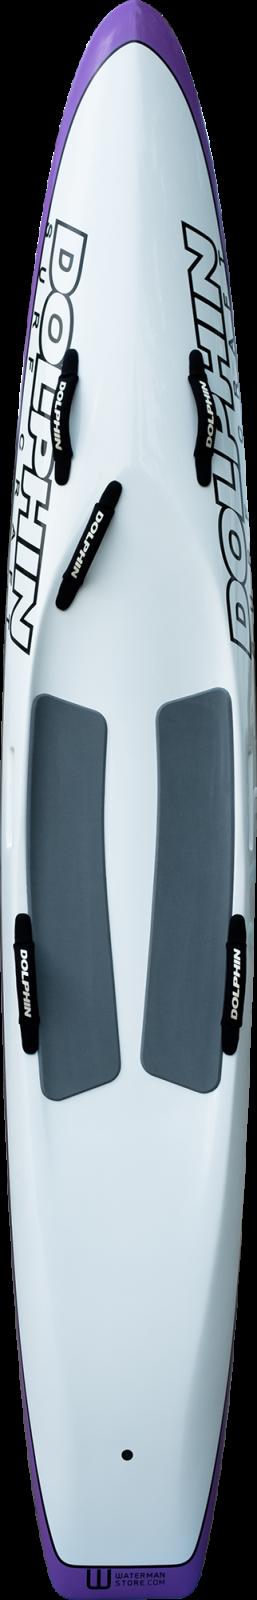 Dolphin 10'6 XL - 498